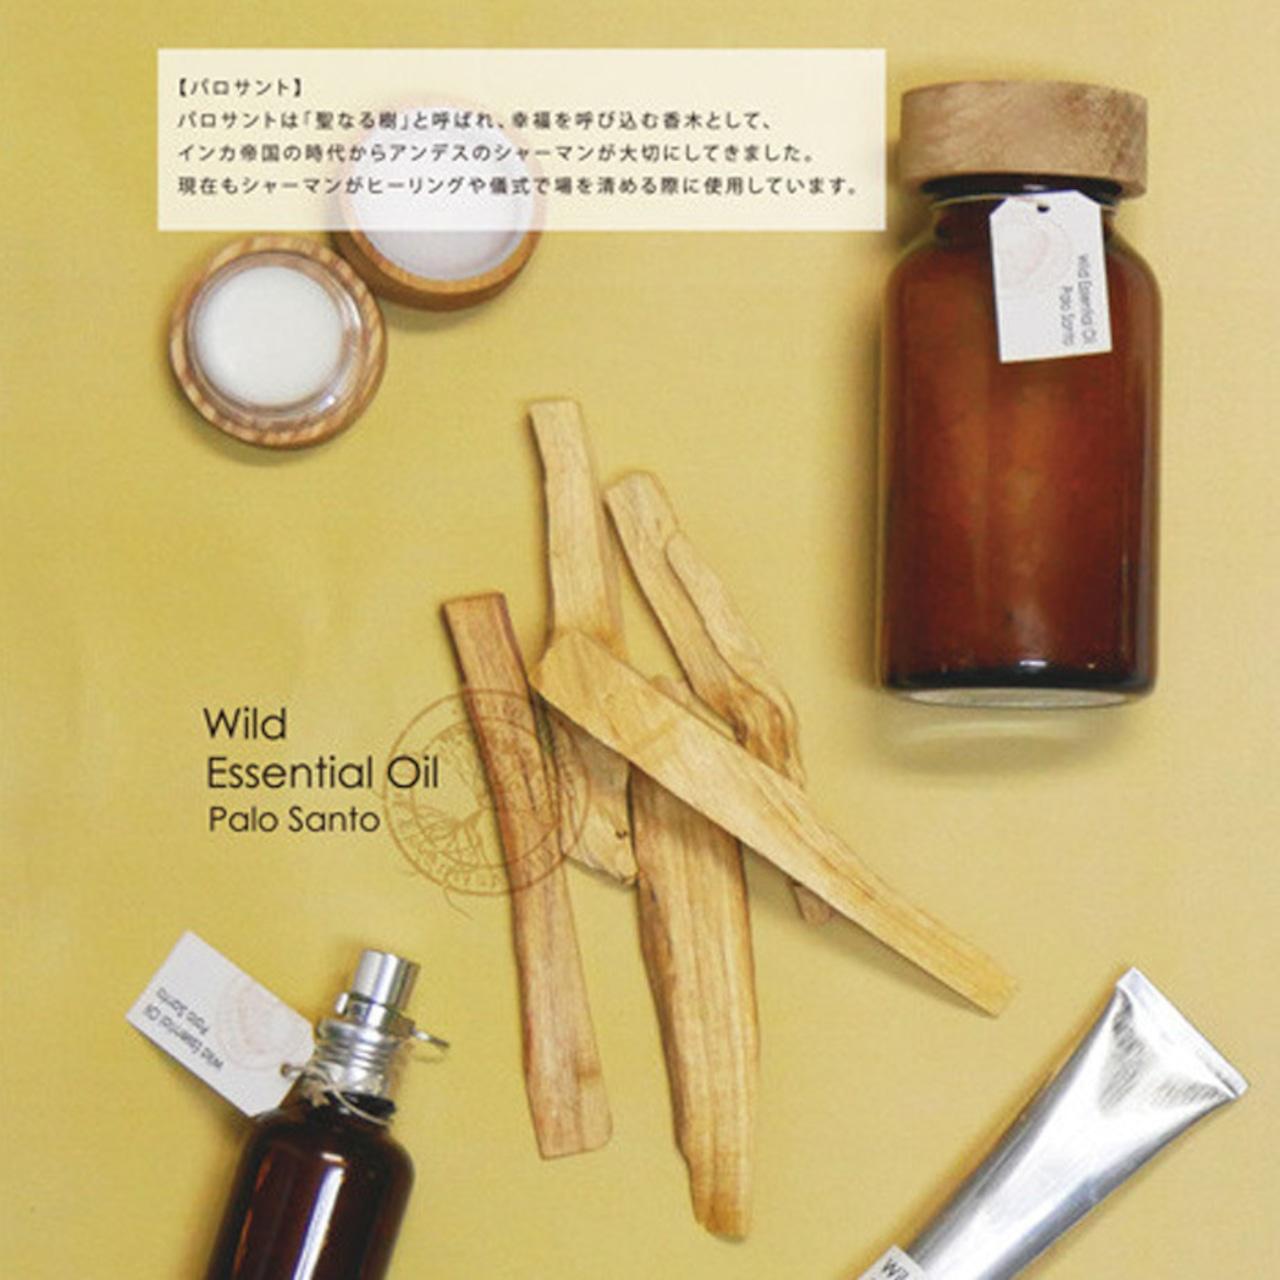 【練り香水】アロマレコルト エッセンシャルオイル ソリッドパフューム